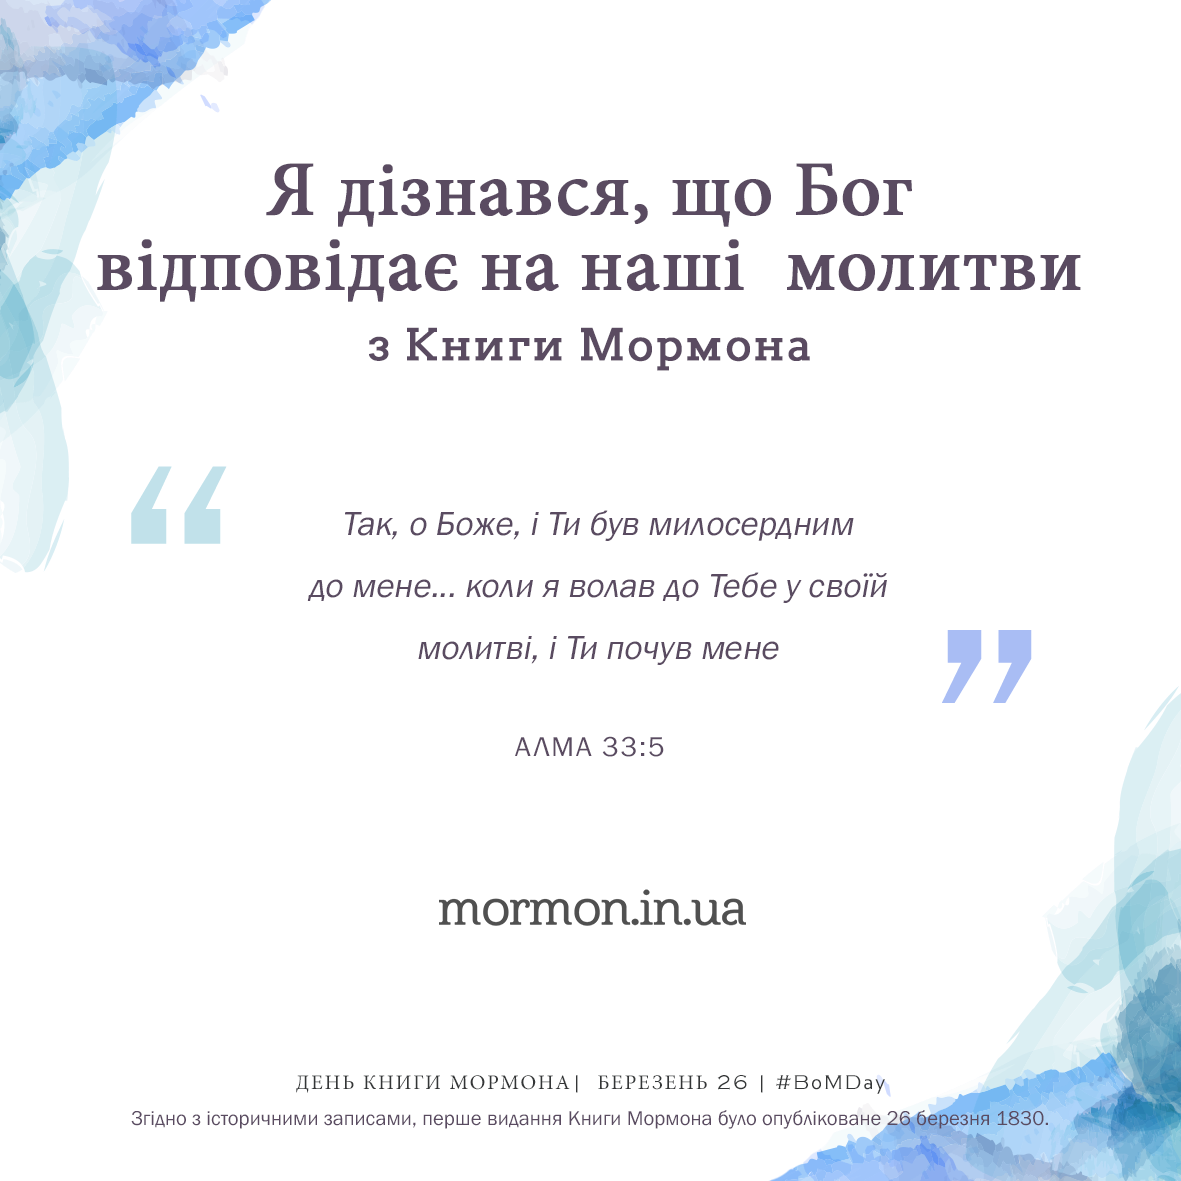 Я дізнався, що Бог відповідає на наші молитви з Книги Мормона